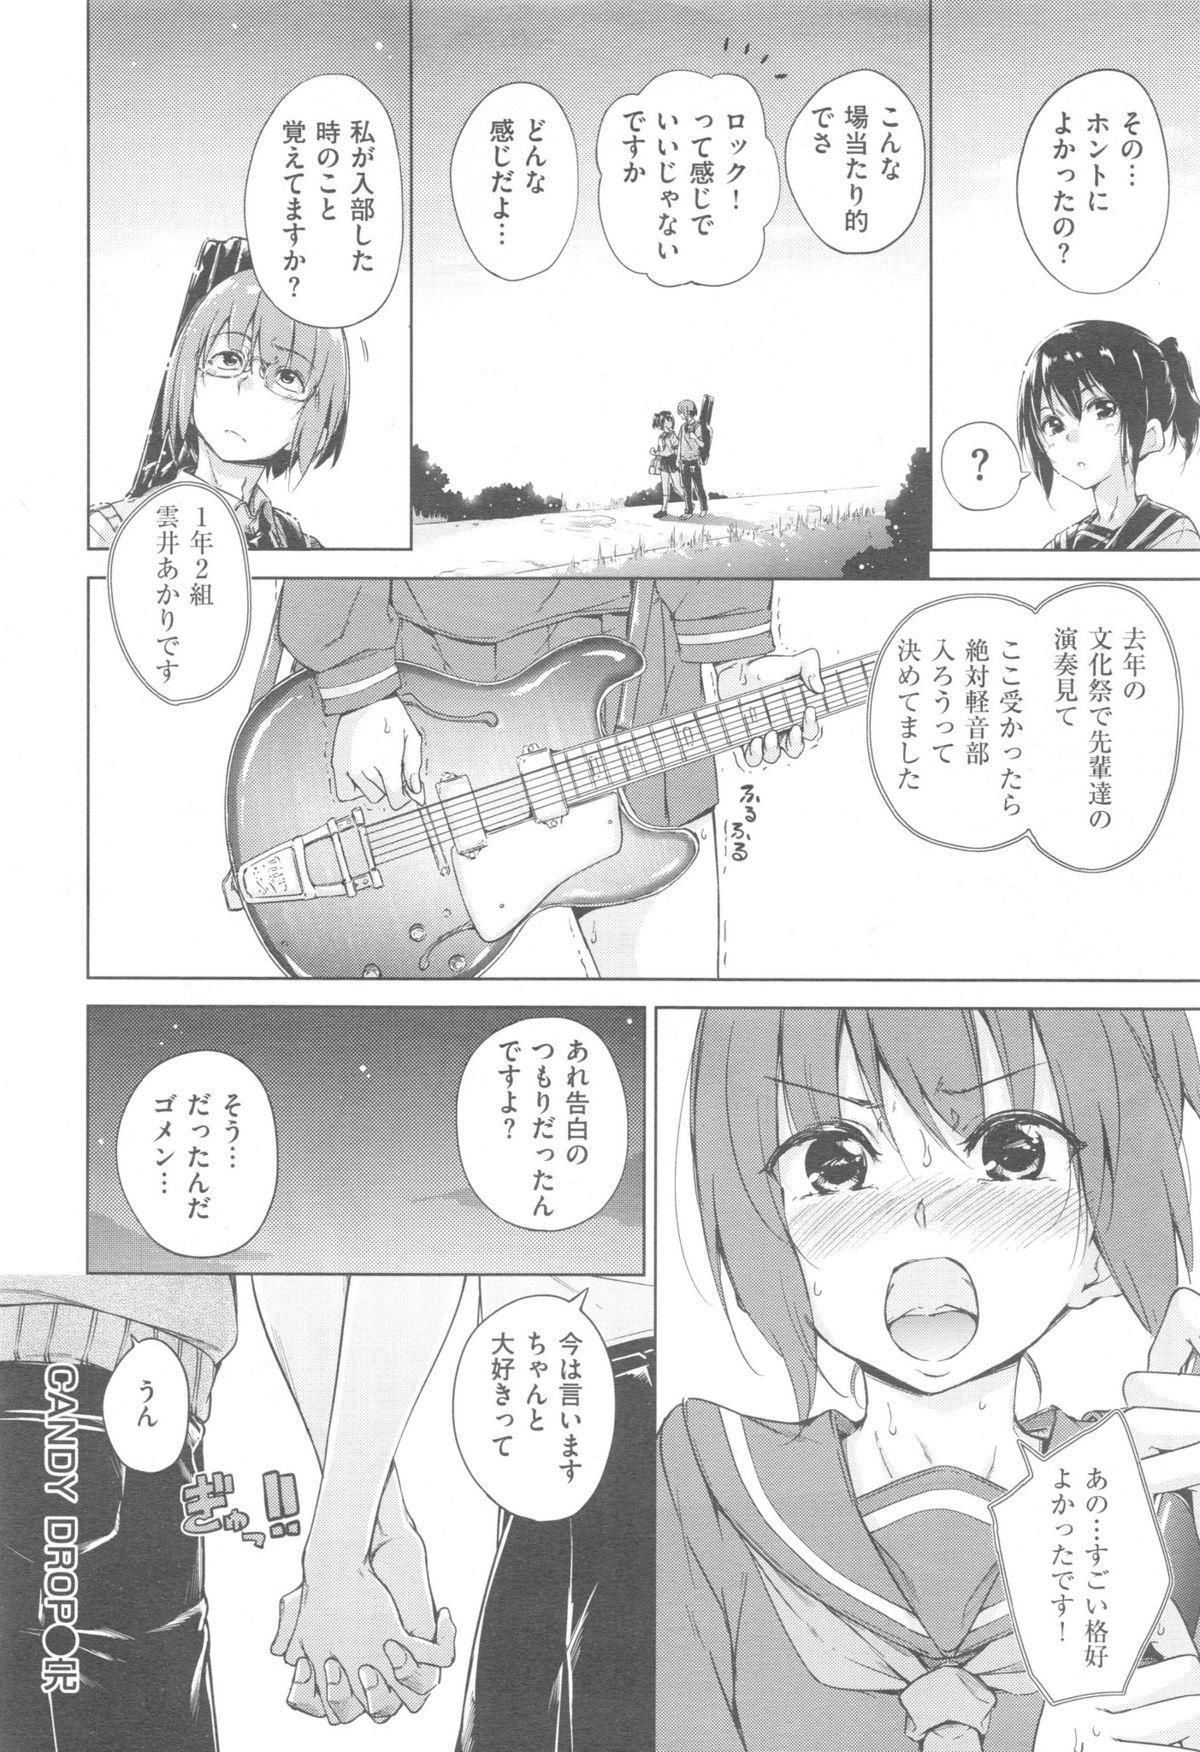 COMIC Kairakuten XTC Vol. 5 47